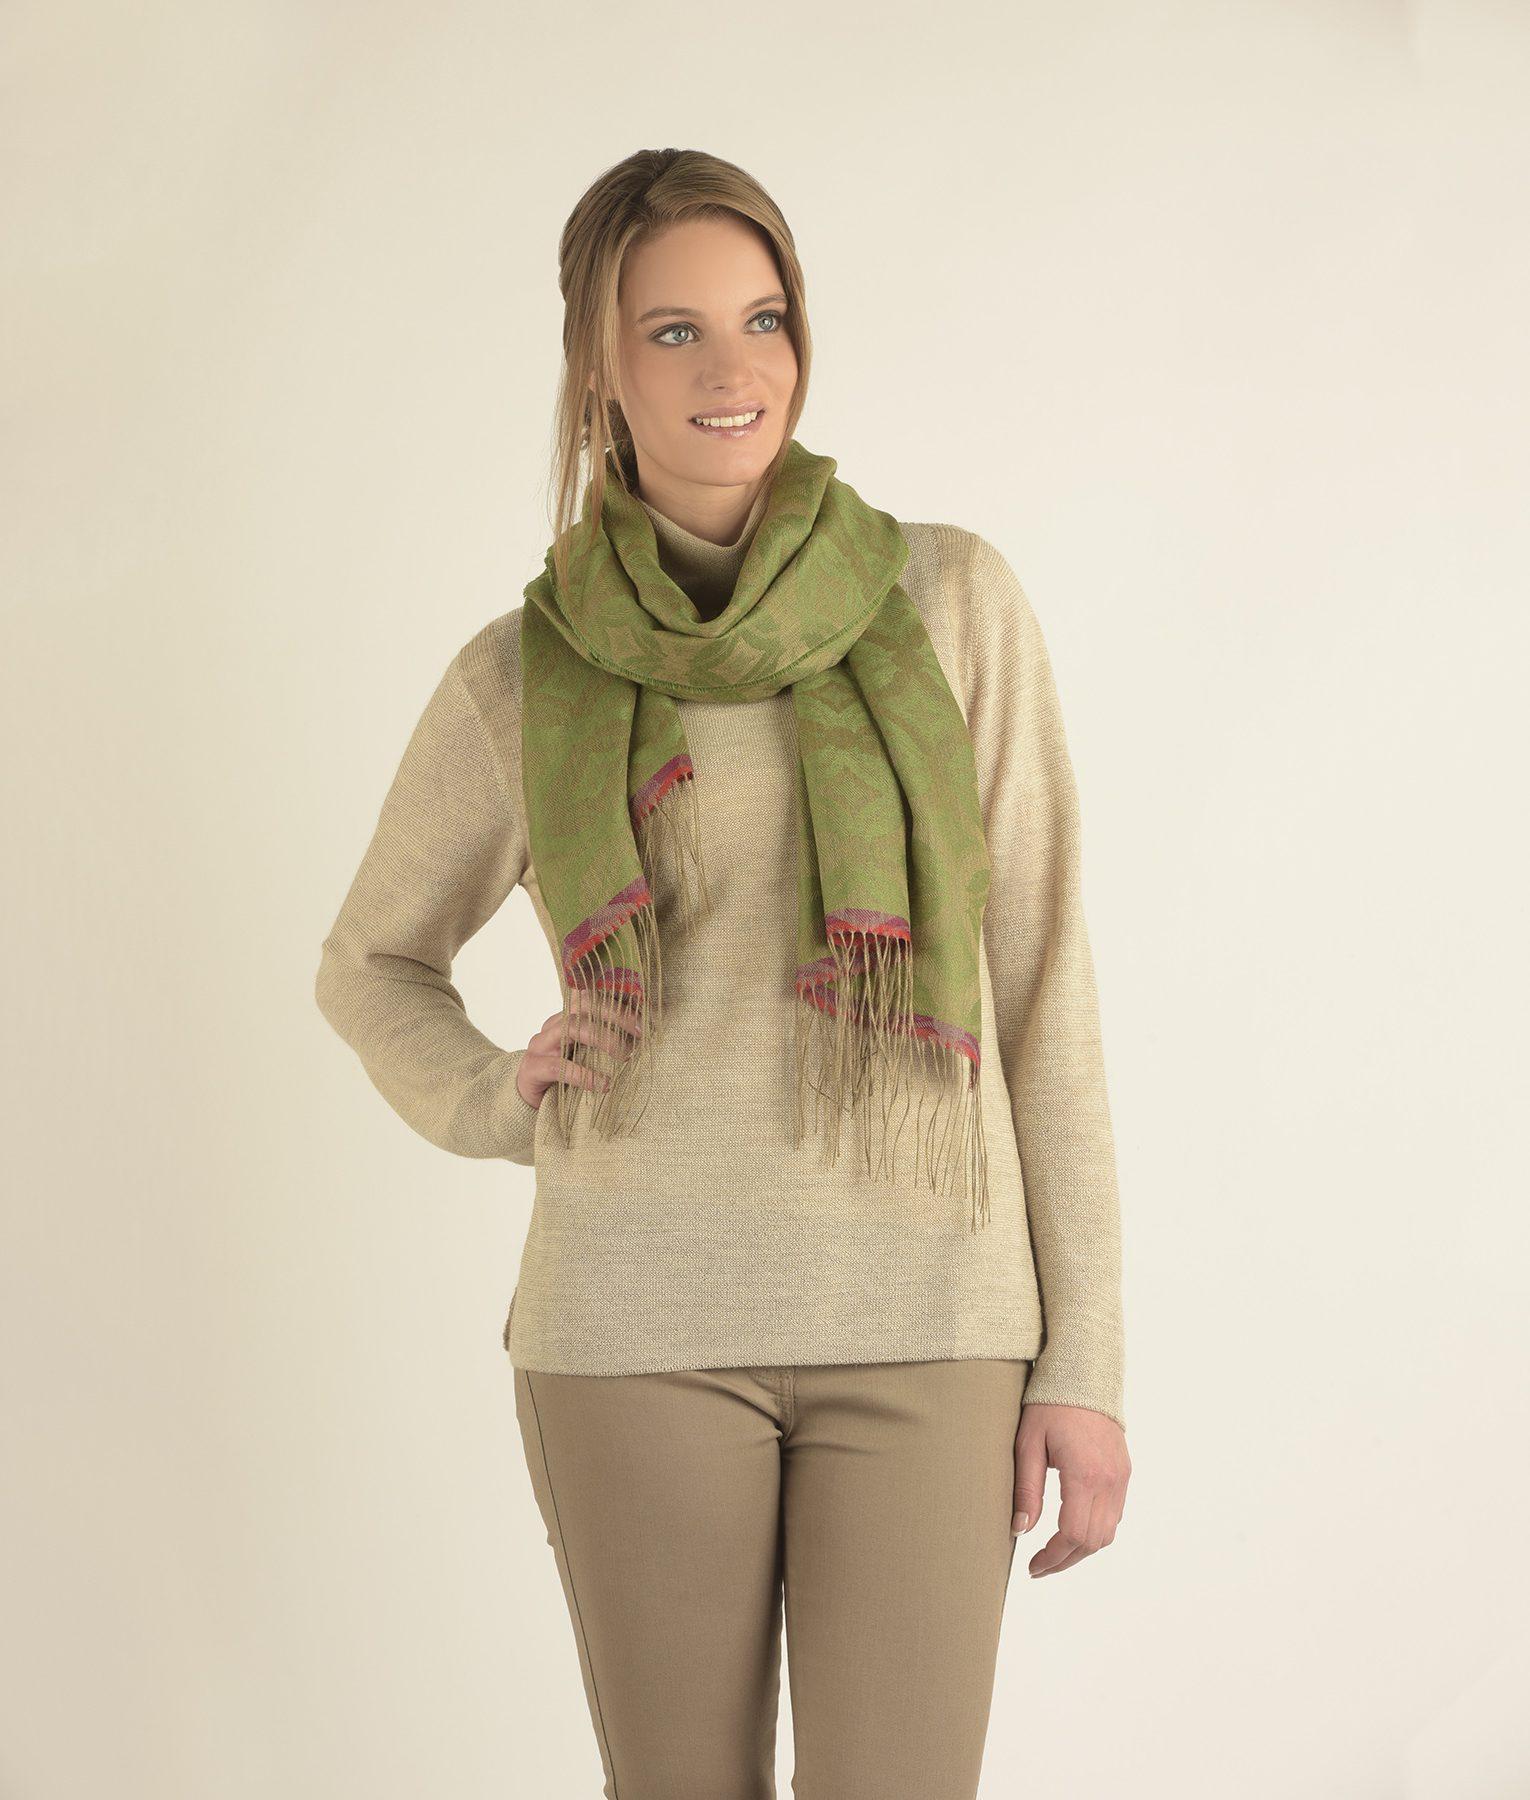 Châle GEOMETRIC en alpaga et soie - écharpes, bonnets et pulls en alpaga. Fine Alpaca, fine laine et coton du Pérou, vêtements en fibres naturelles